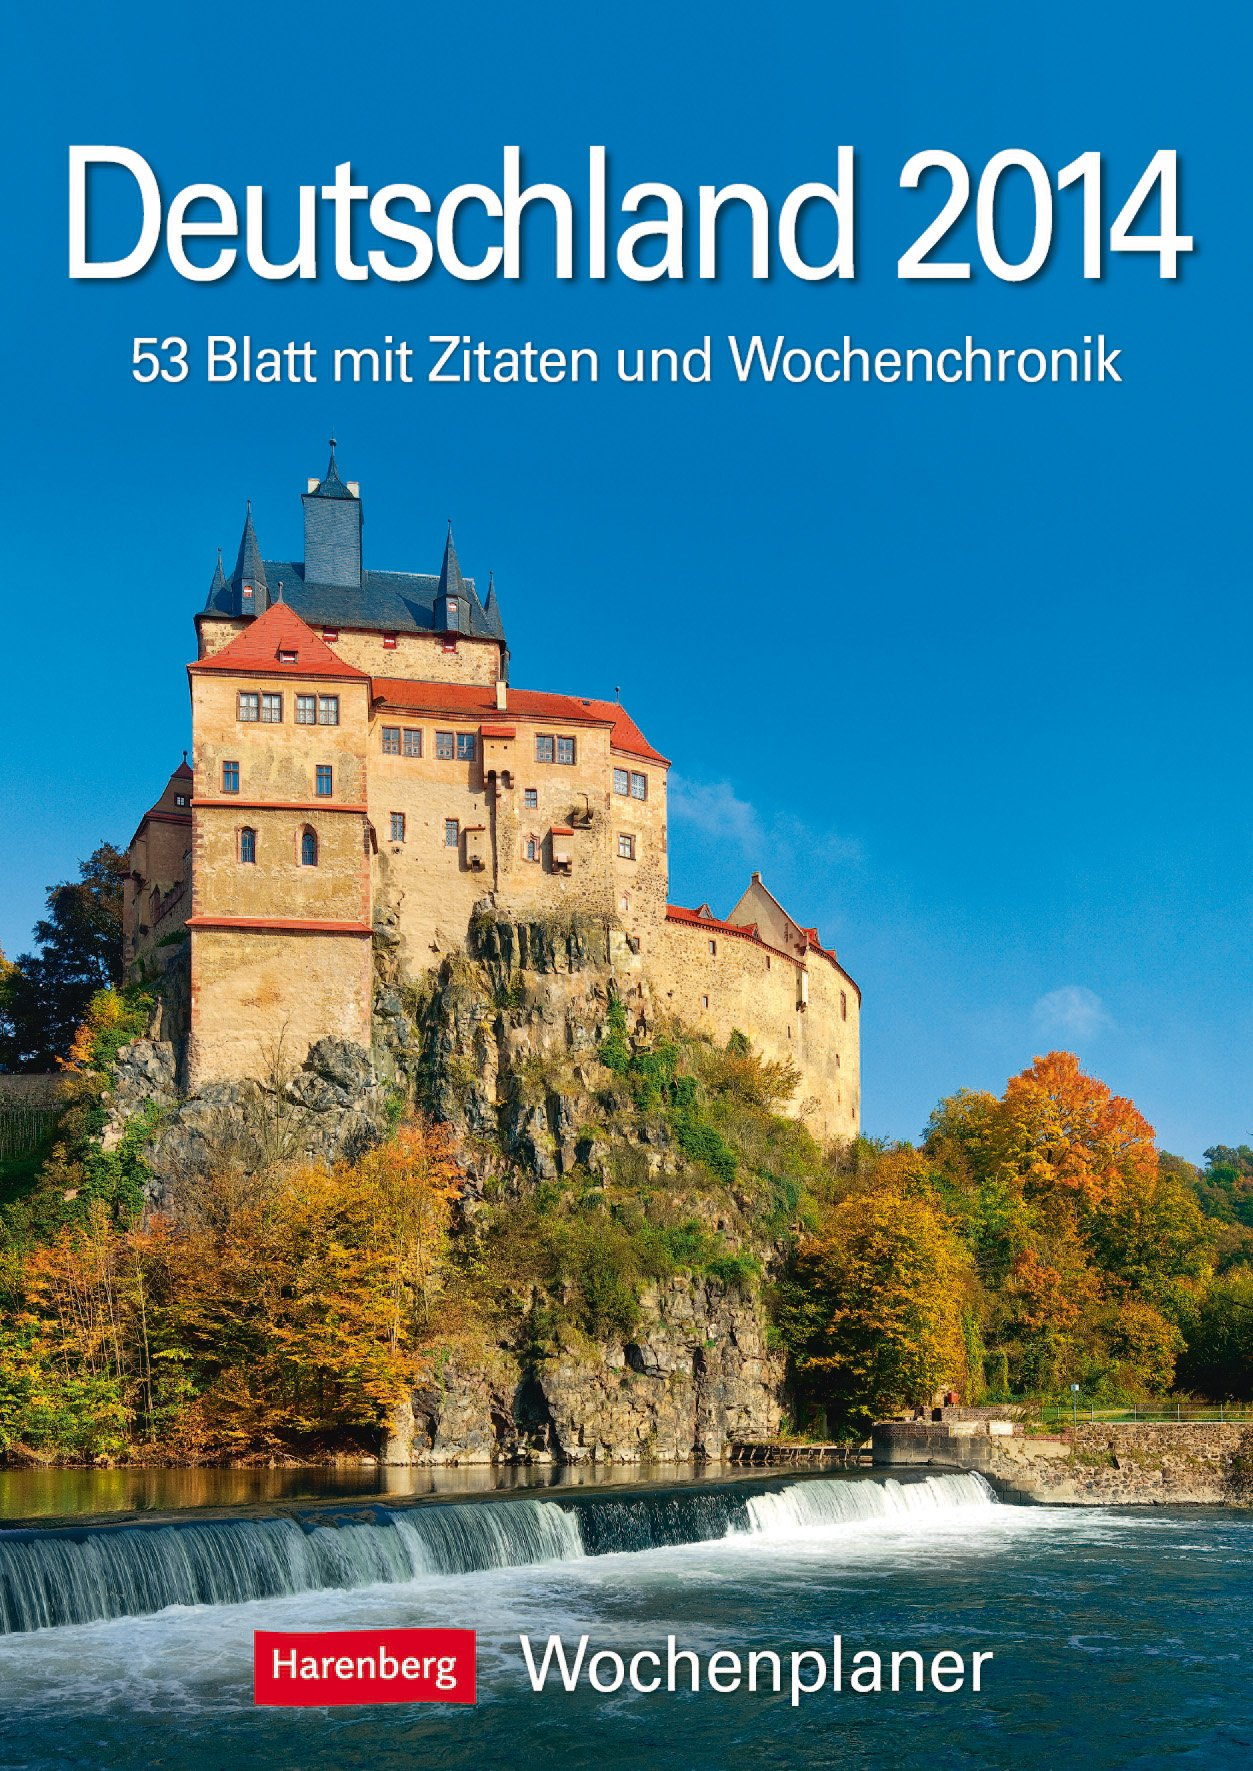 Deutschland 2014: Harenberg Wochenplaner. 53 Blatt mit Zitaten und Wochenchronik